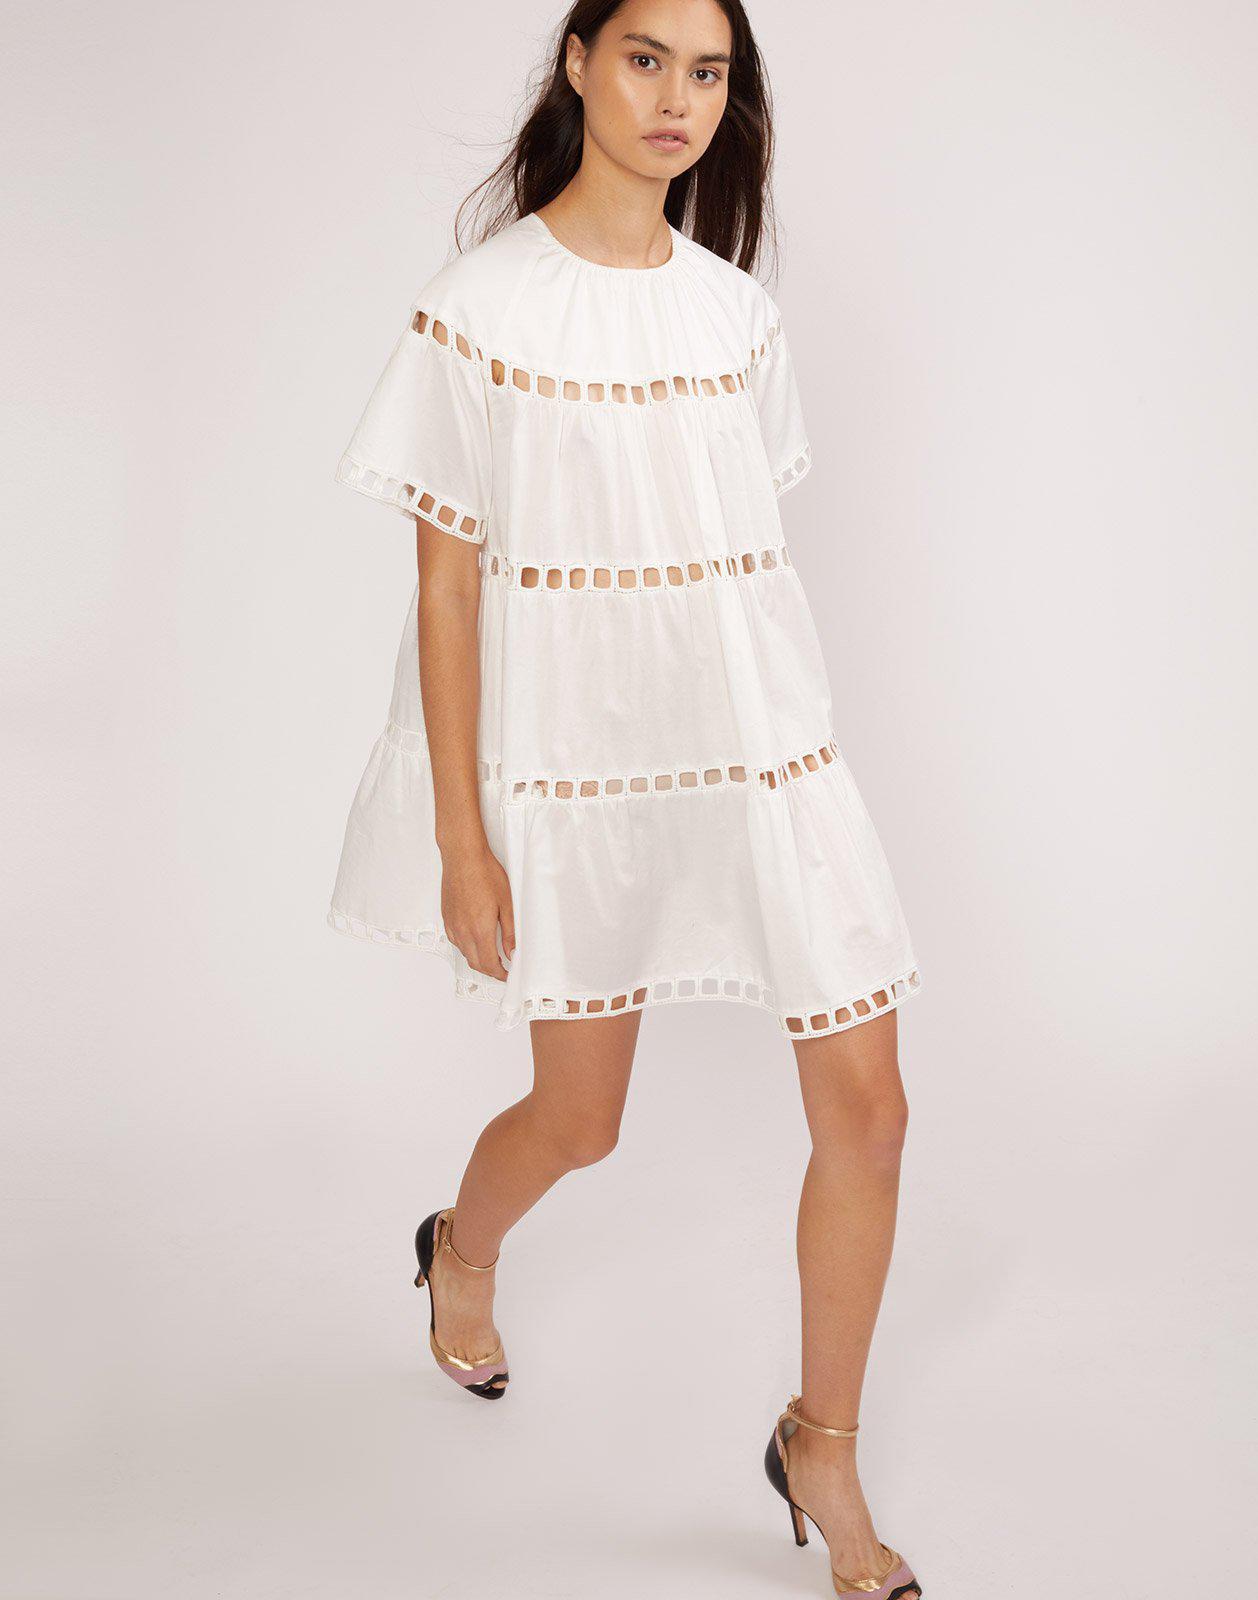 b5c254e56d Lyst - Cynthia Rowley White Postcard Eyelet Dress in White